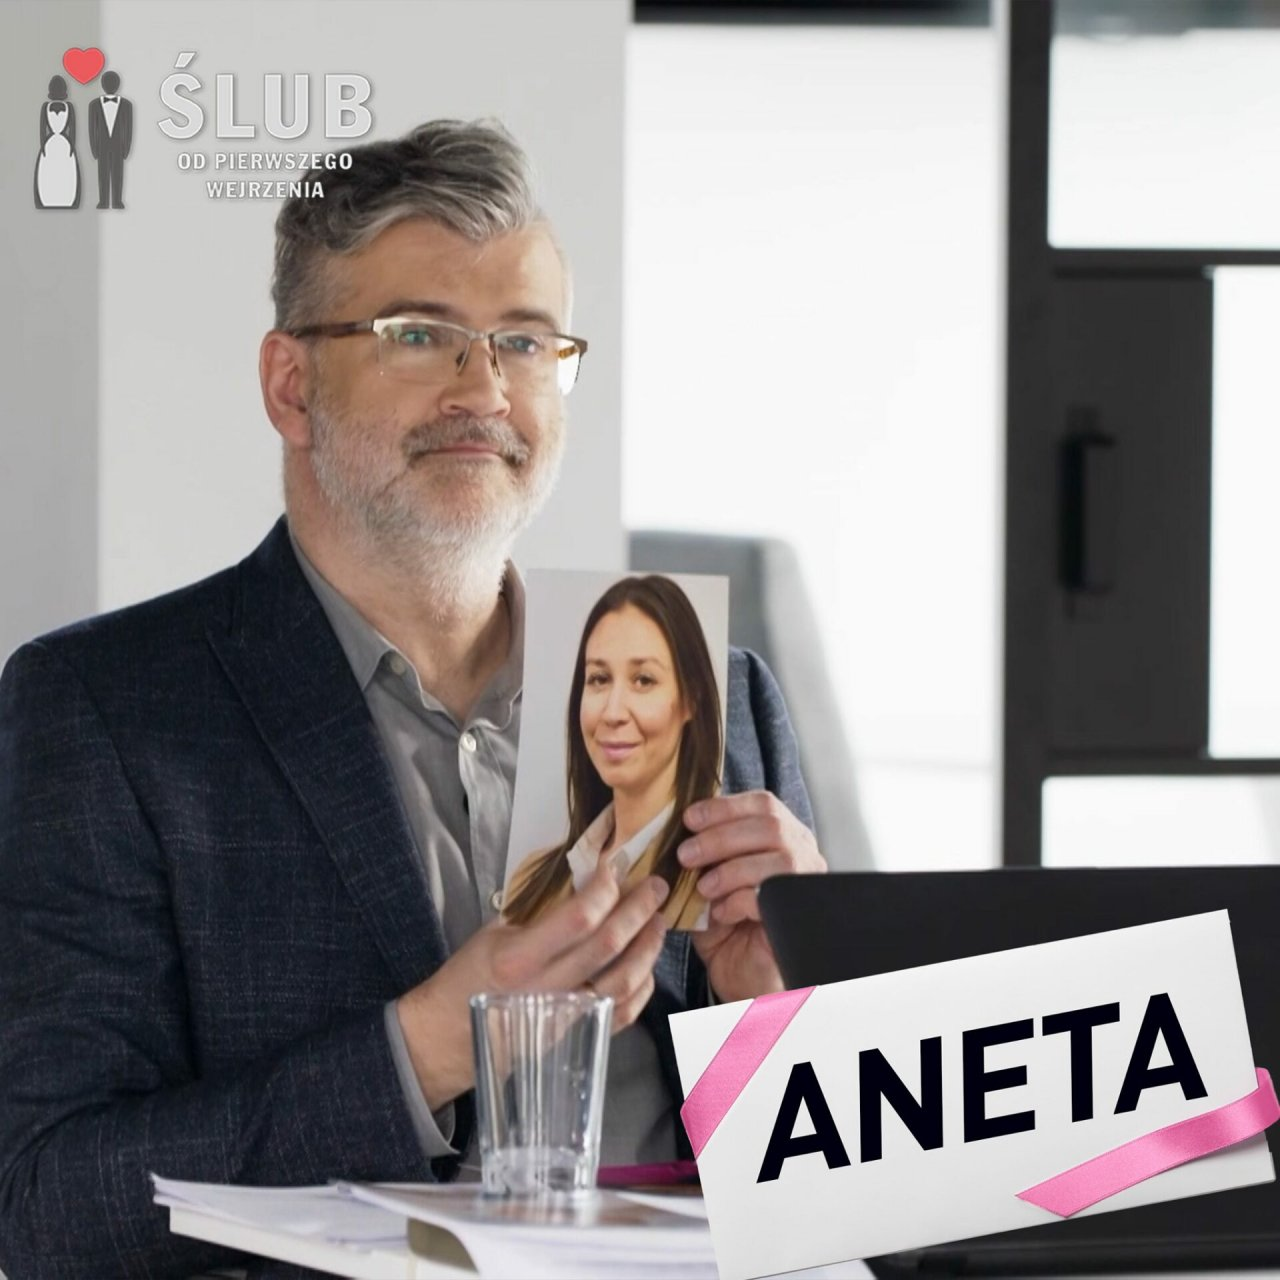 Aneta, ślub